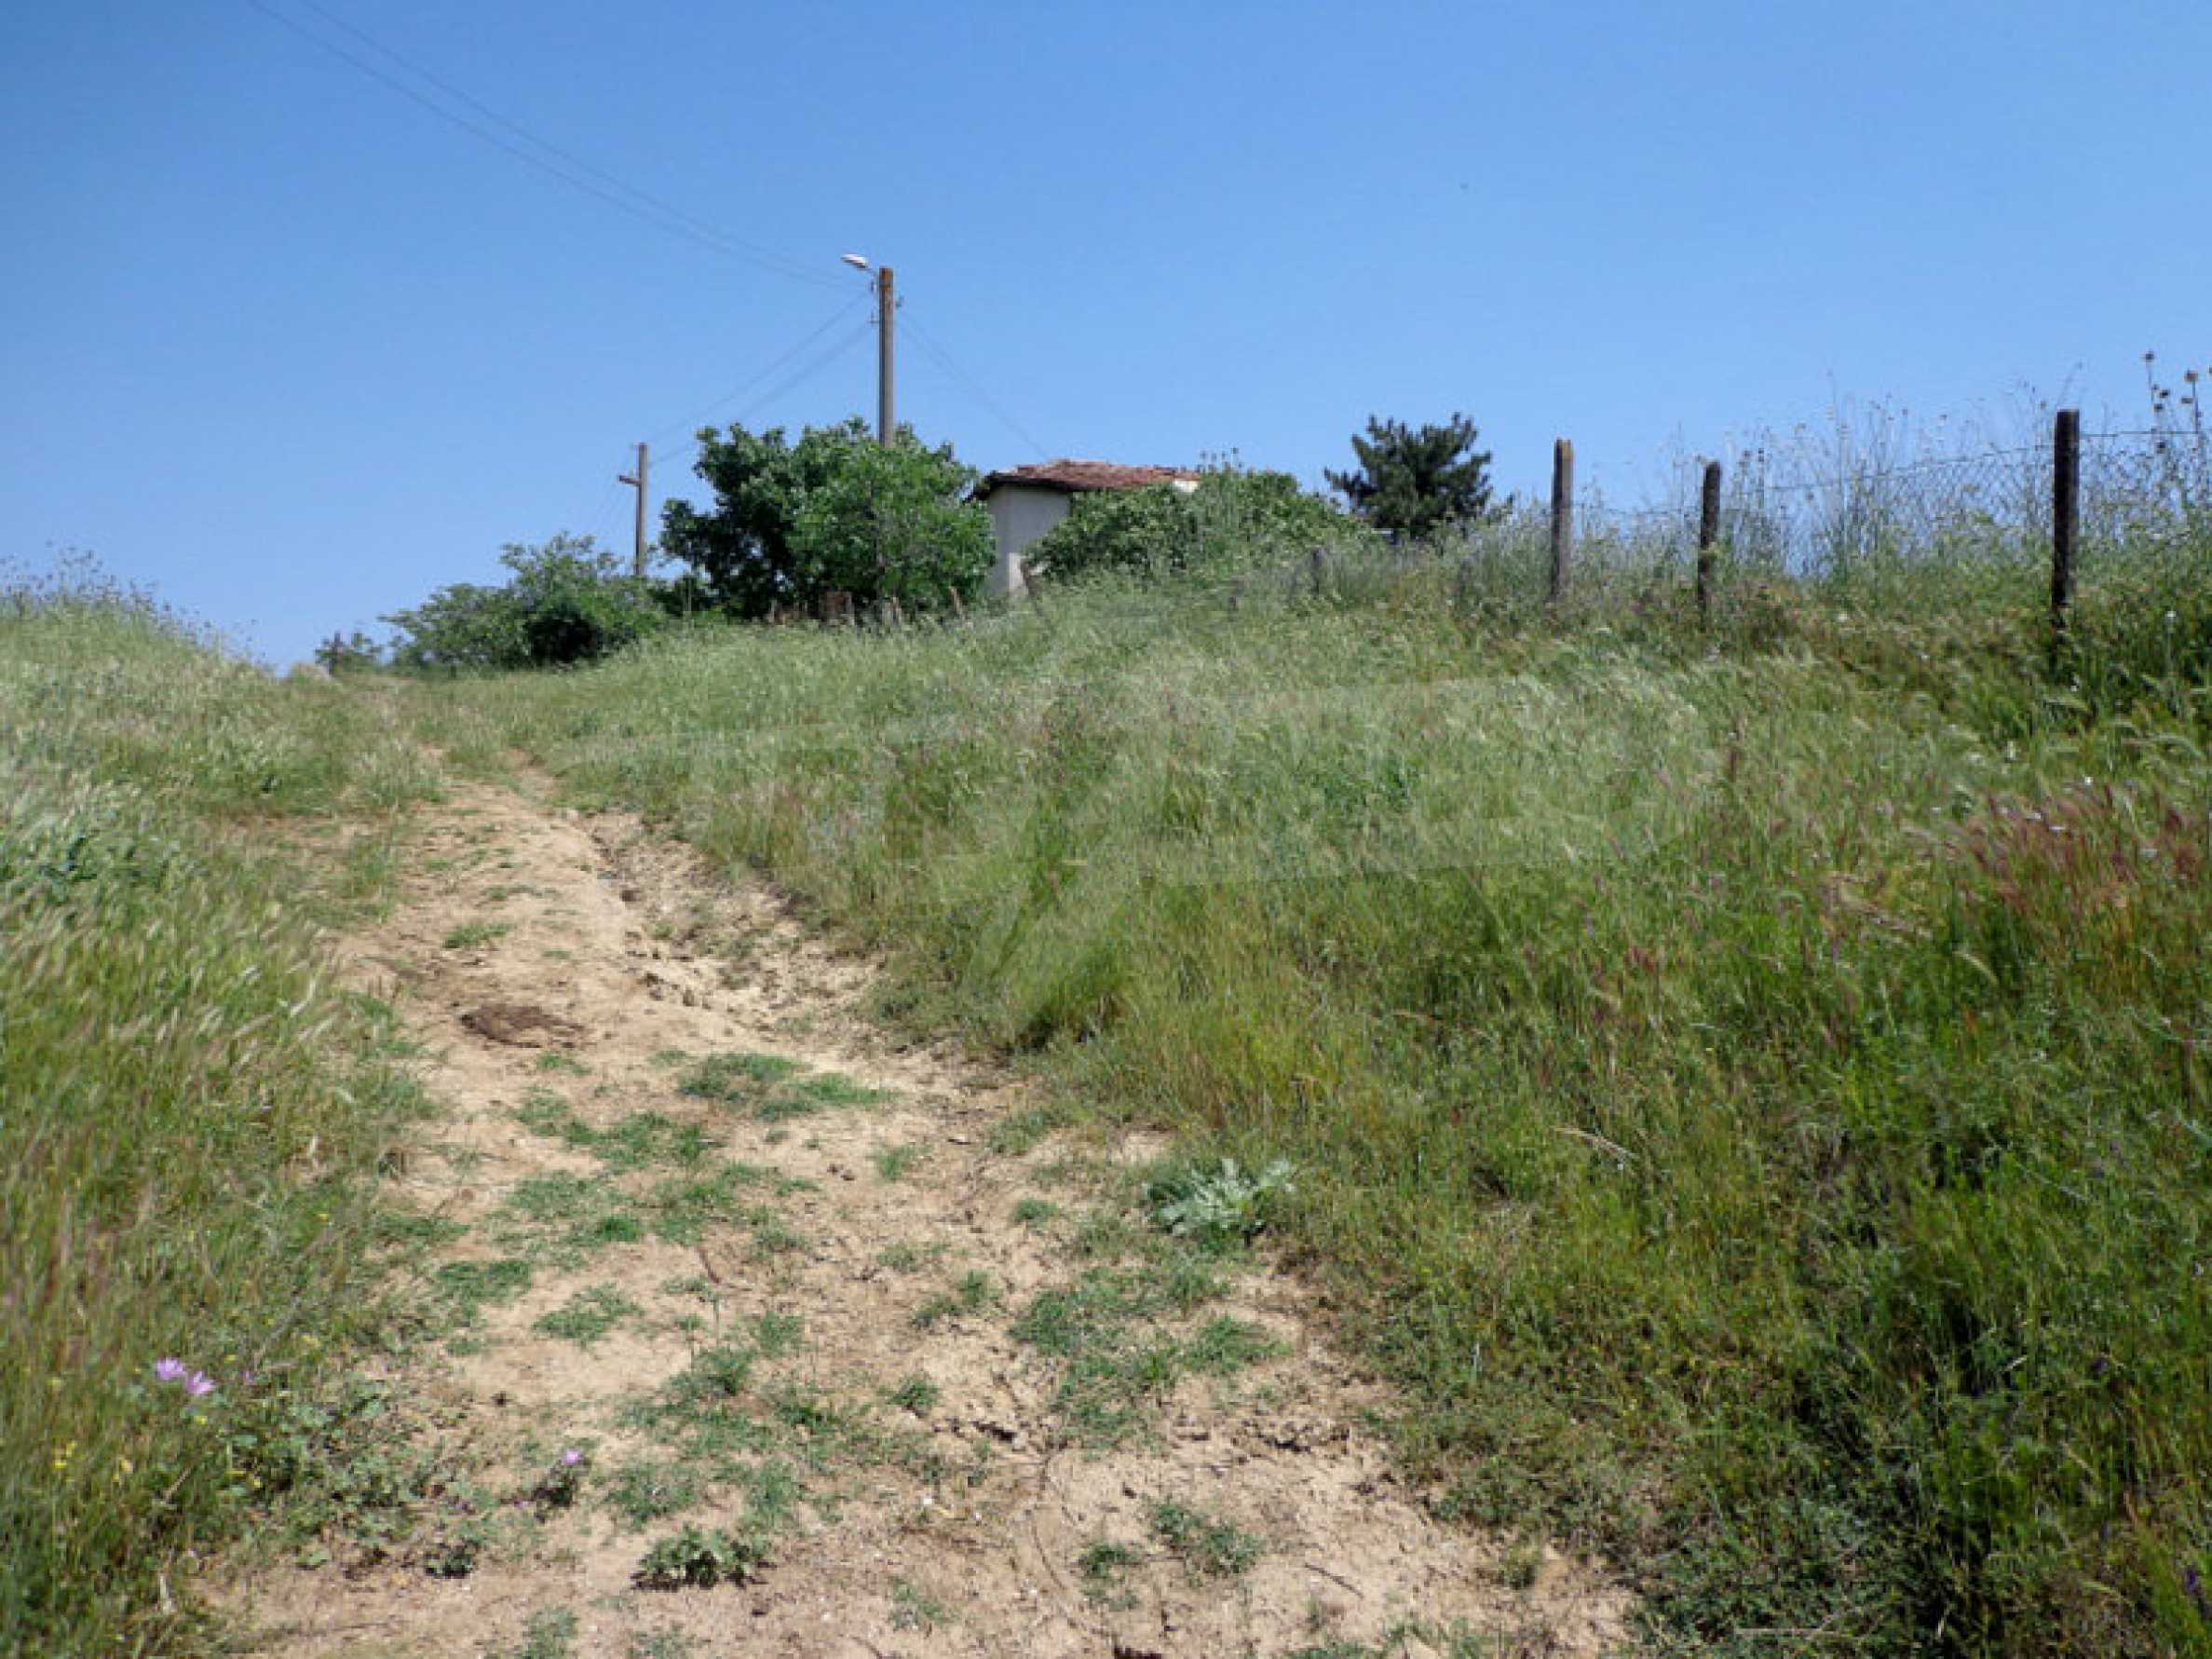 Grundstück zum Verkauf in einem malerischen Dorf 12 km von Sandanski entfernt 2